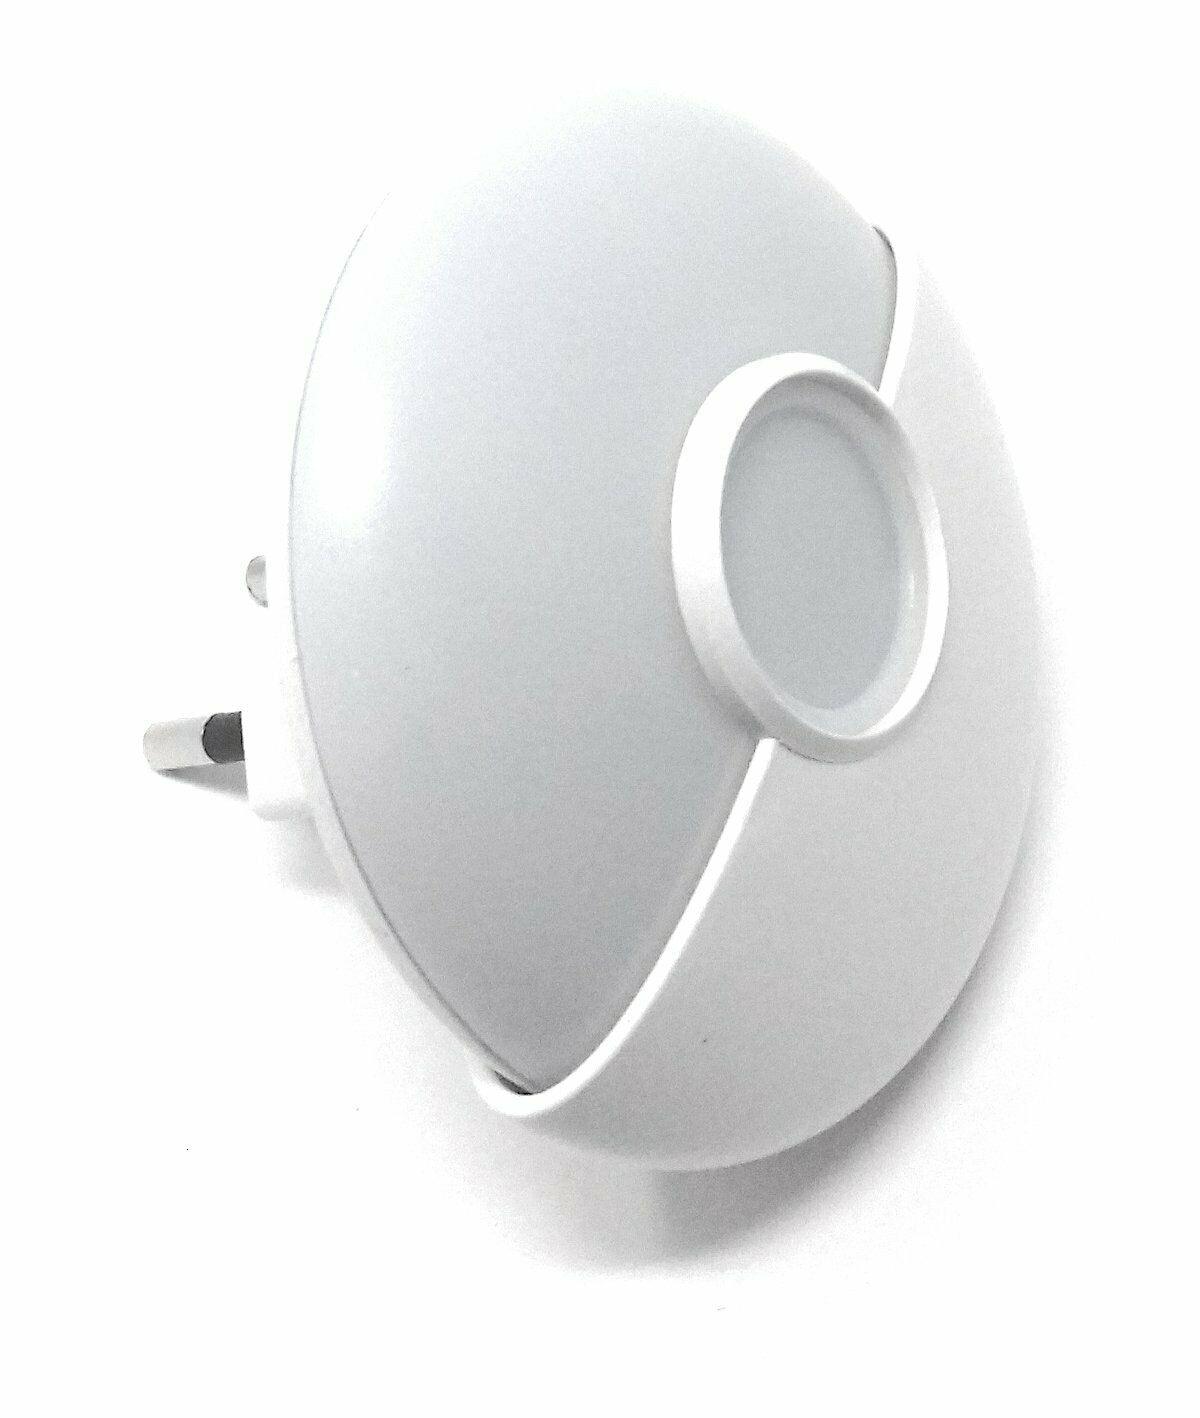 Luz De Noche Led Especial Para Niños Sensor Encendido Automático Día Noche 3950